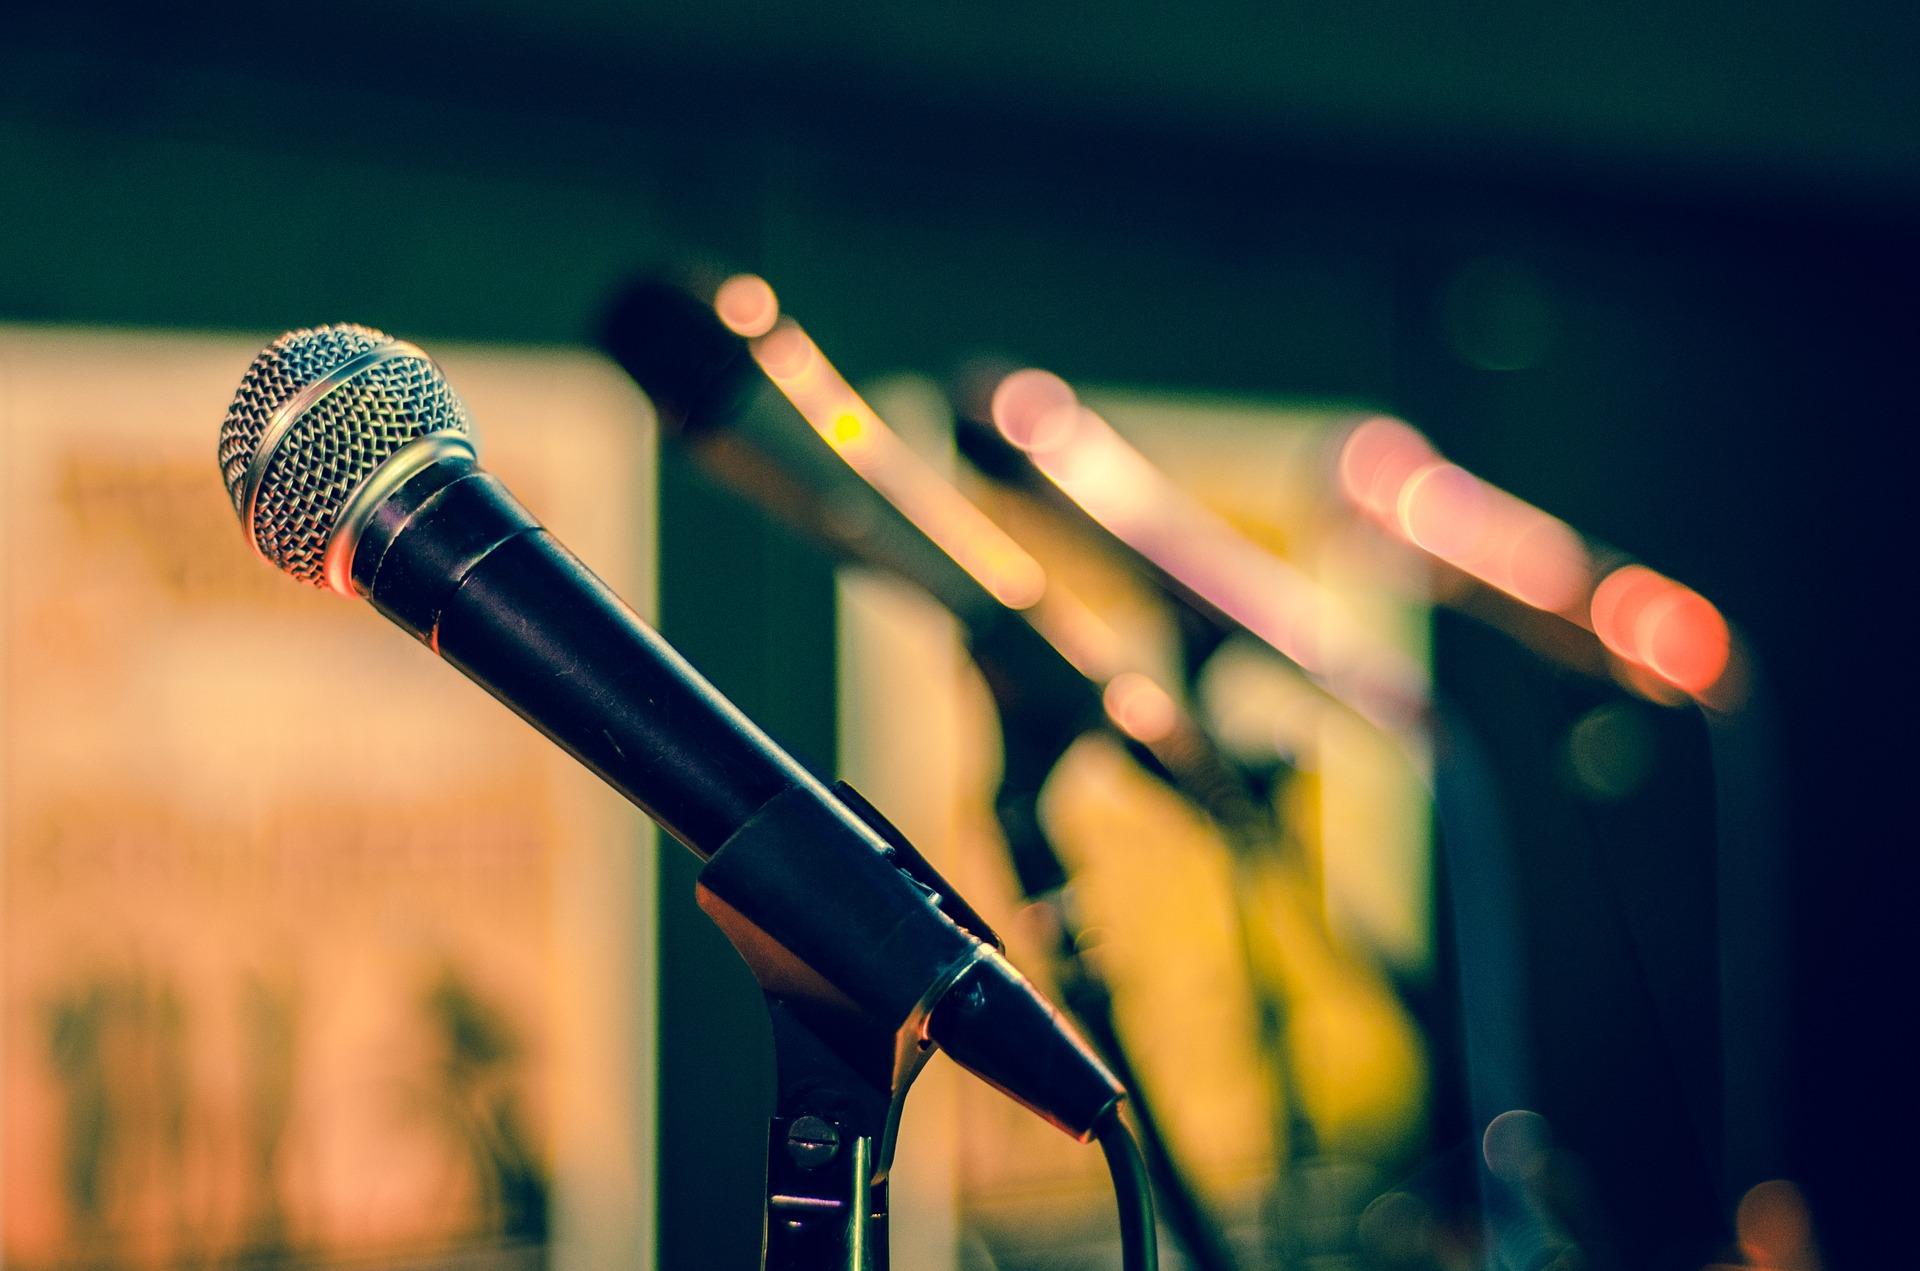 Na pierwszym planie mikrofon, na dalszym planie trzy dodatkowe mikrofony na statywach.